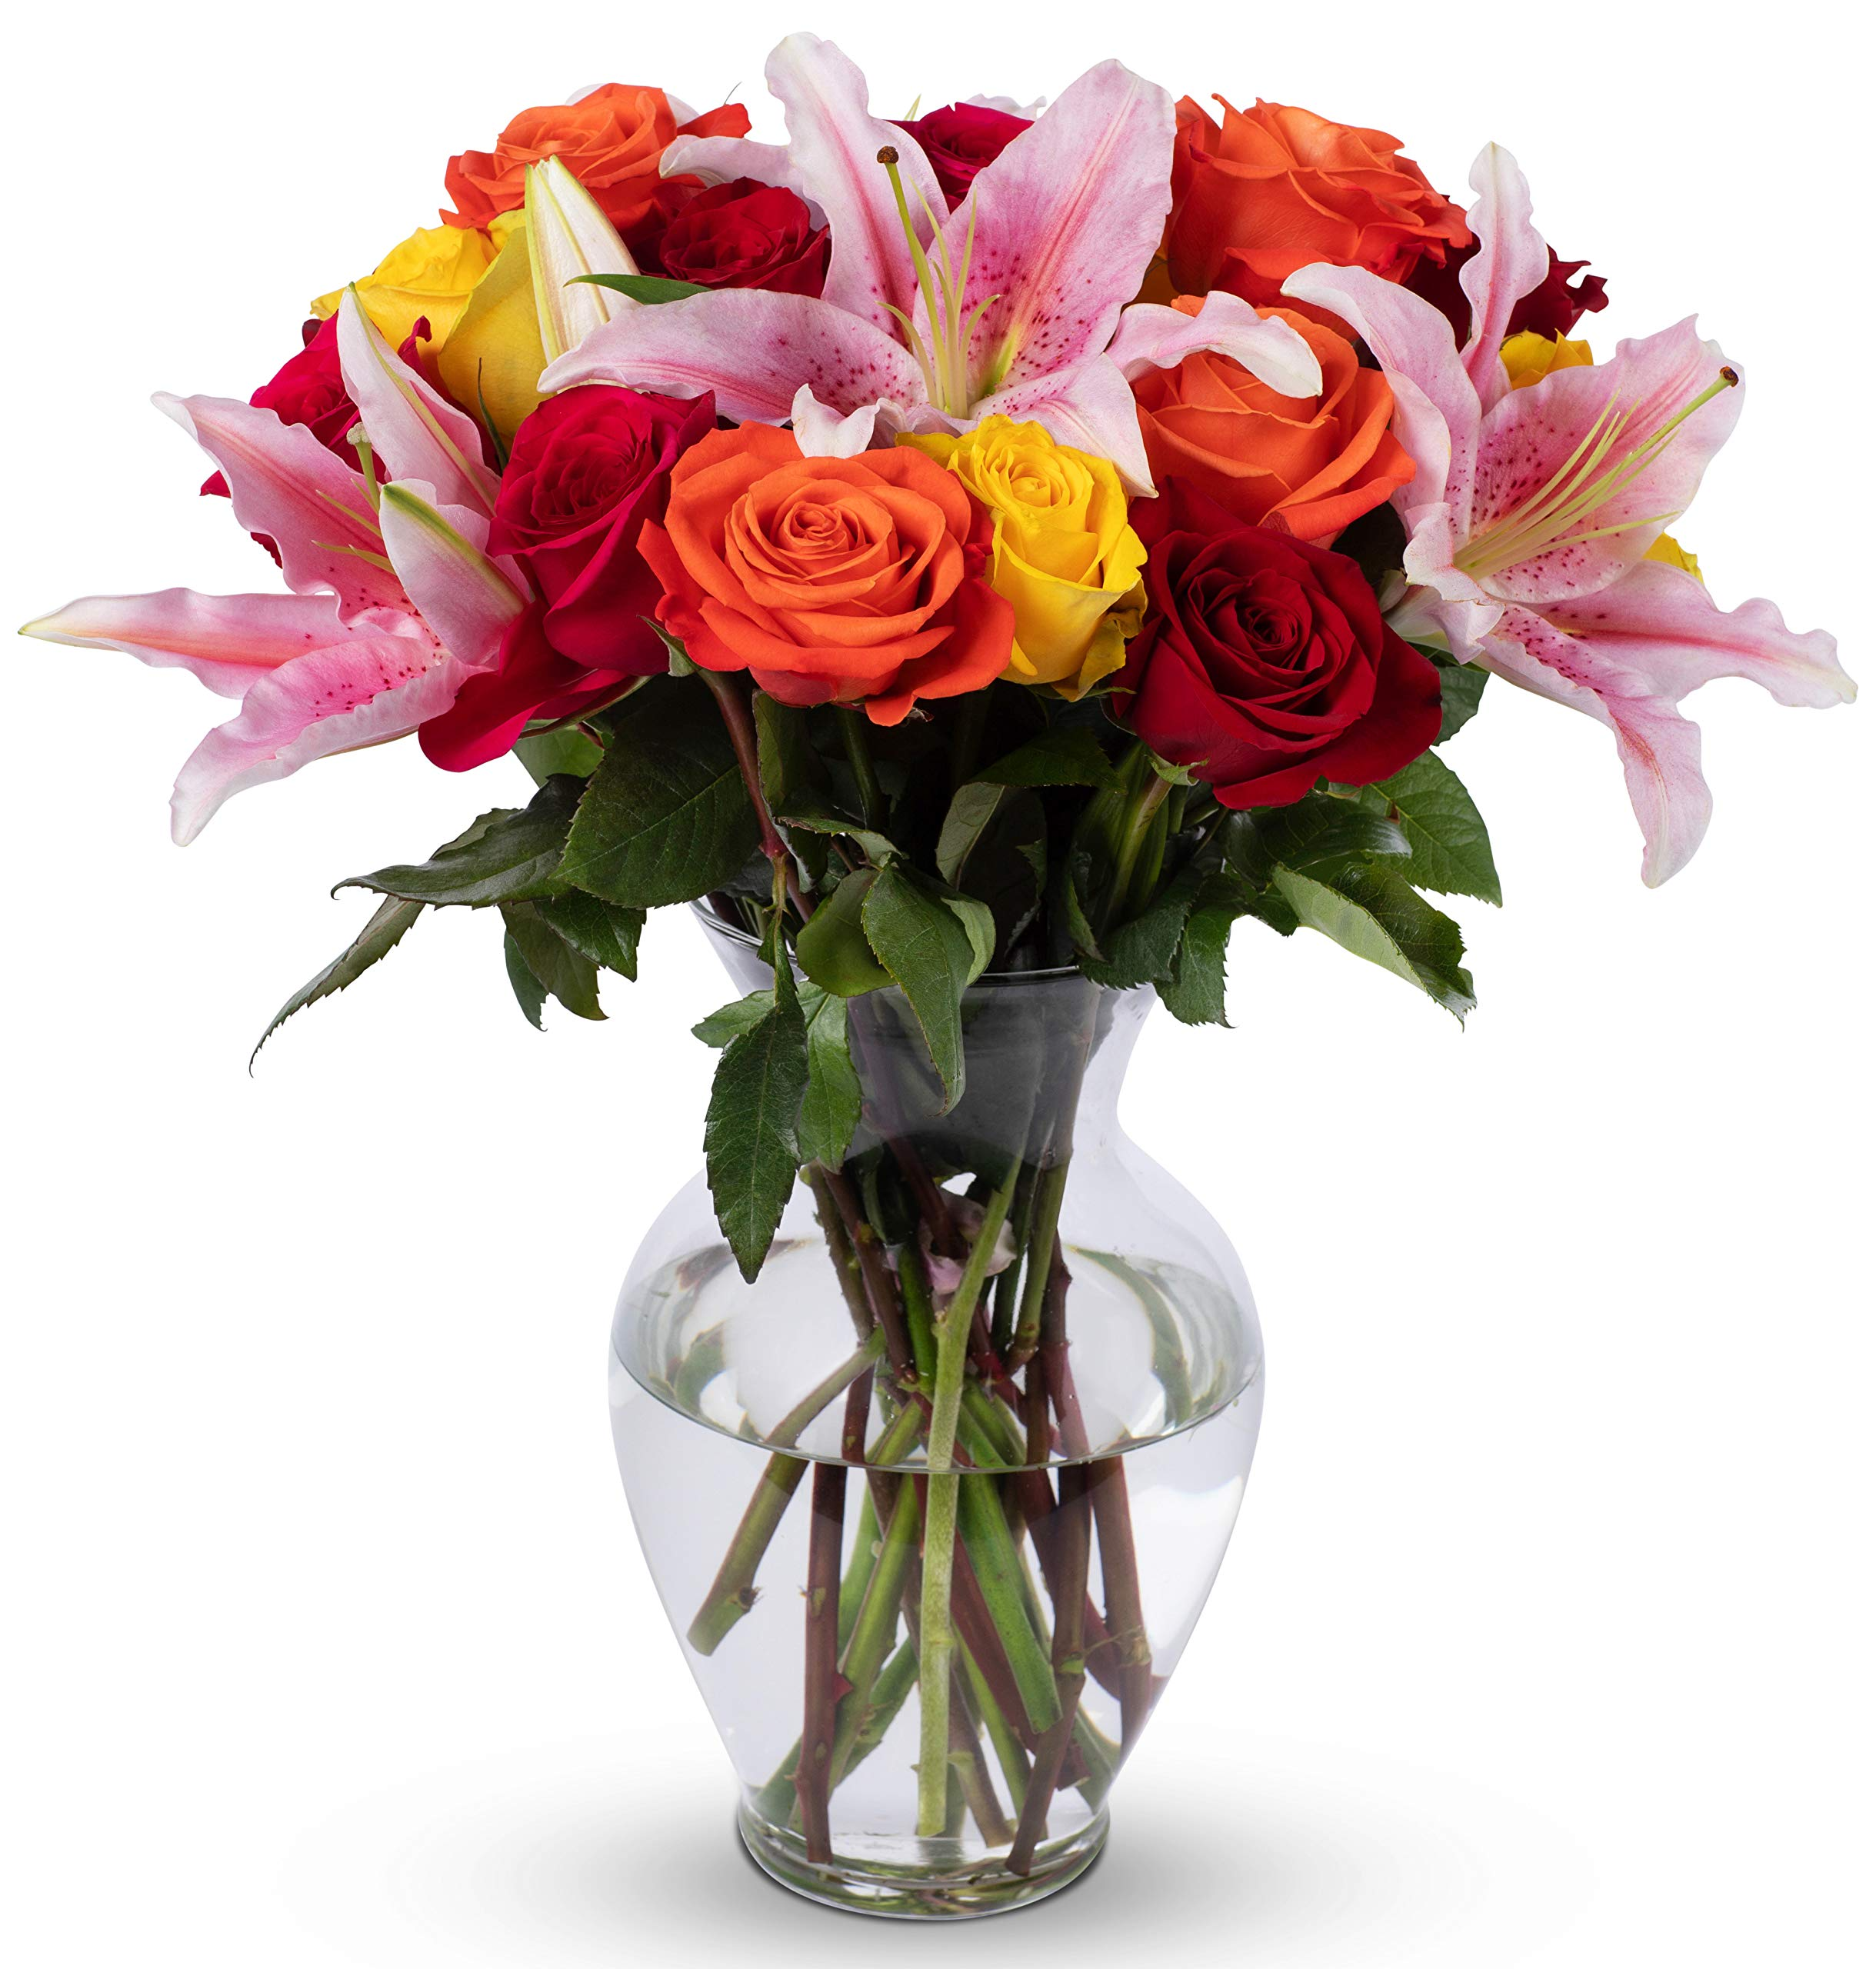 Amazon Benchmark Bouquets White Elegance With Vase Fresh Cut